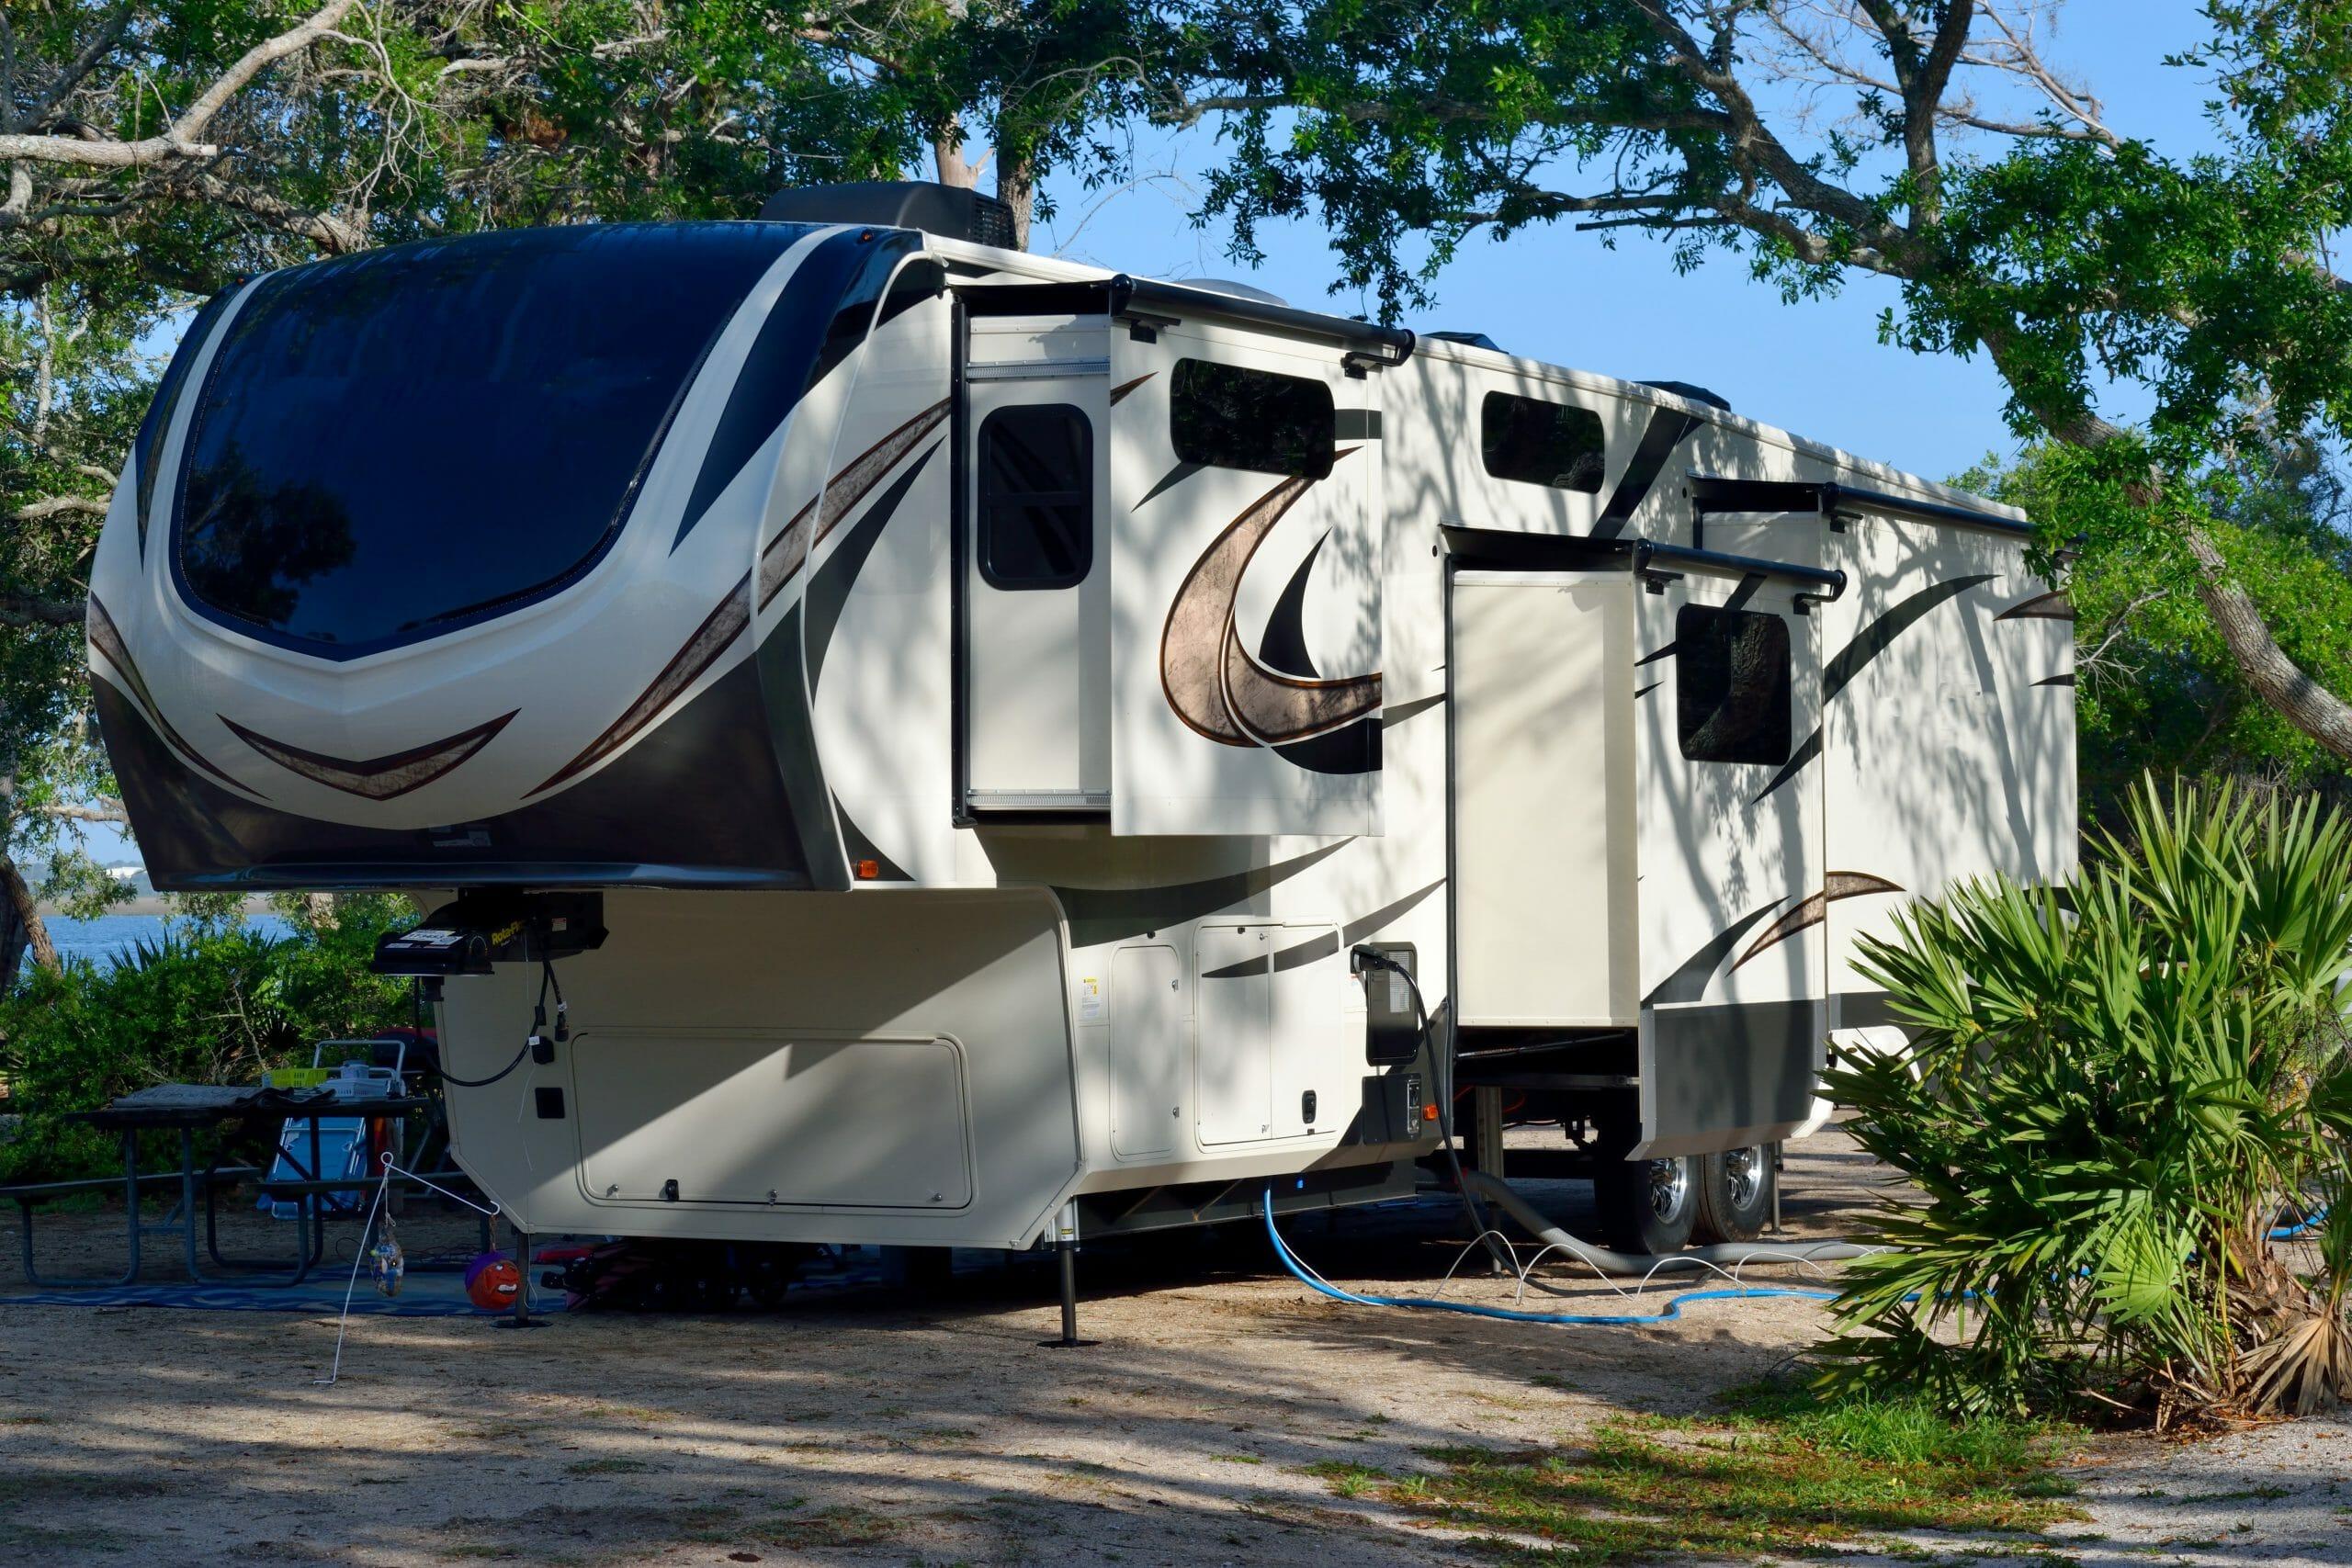 Florida RV park